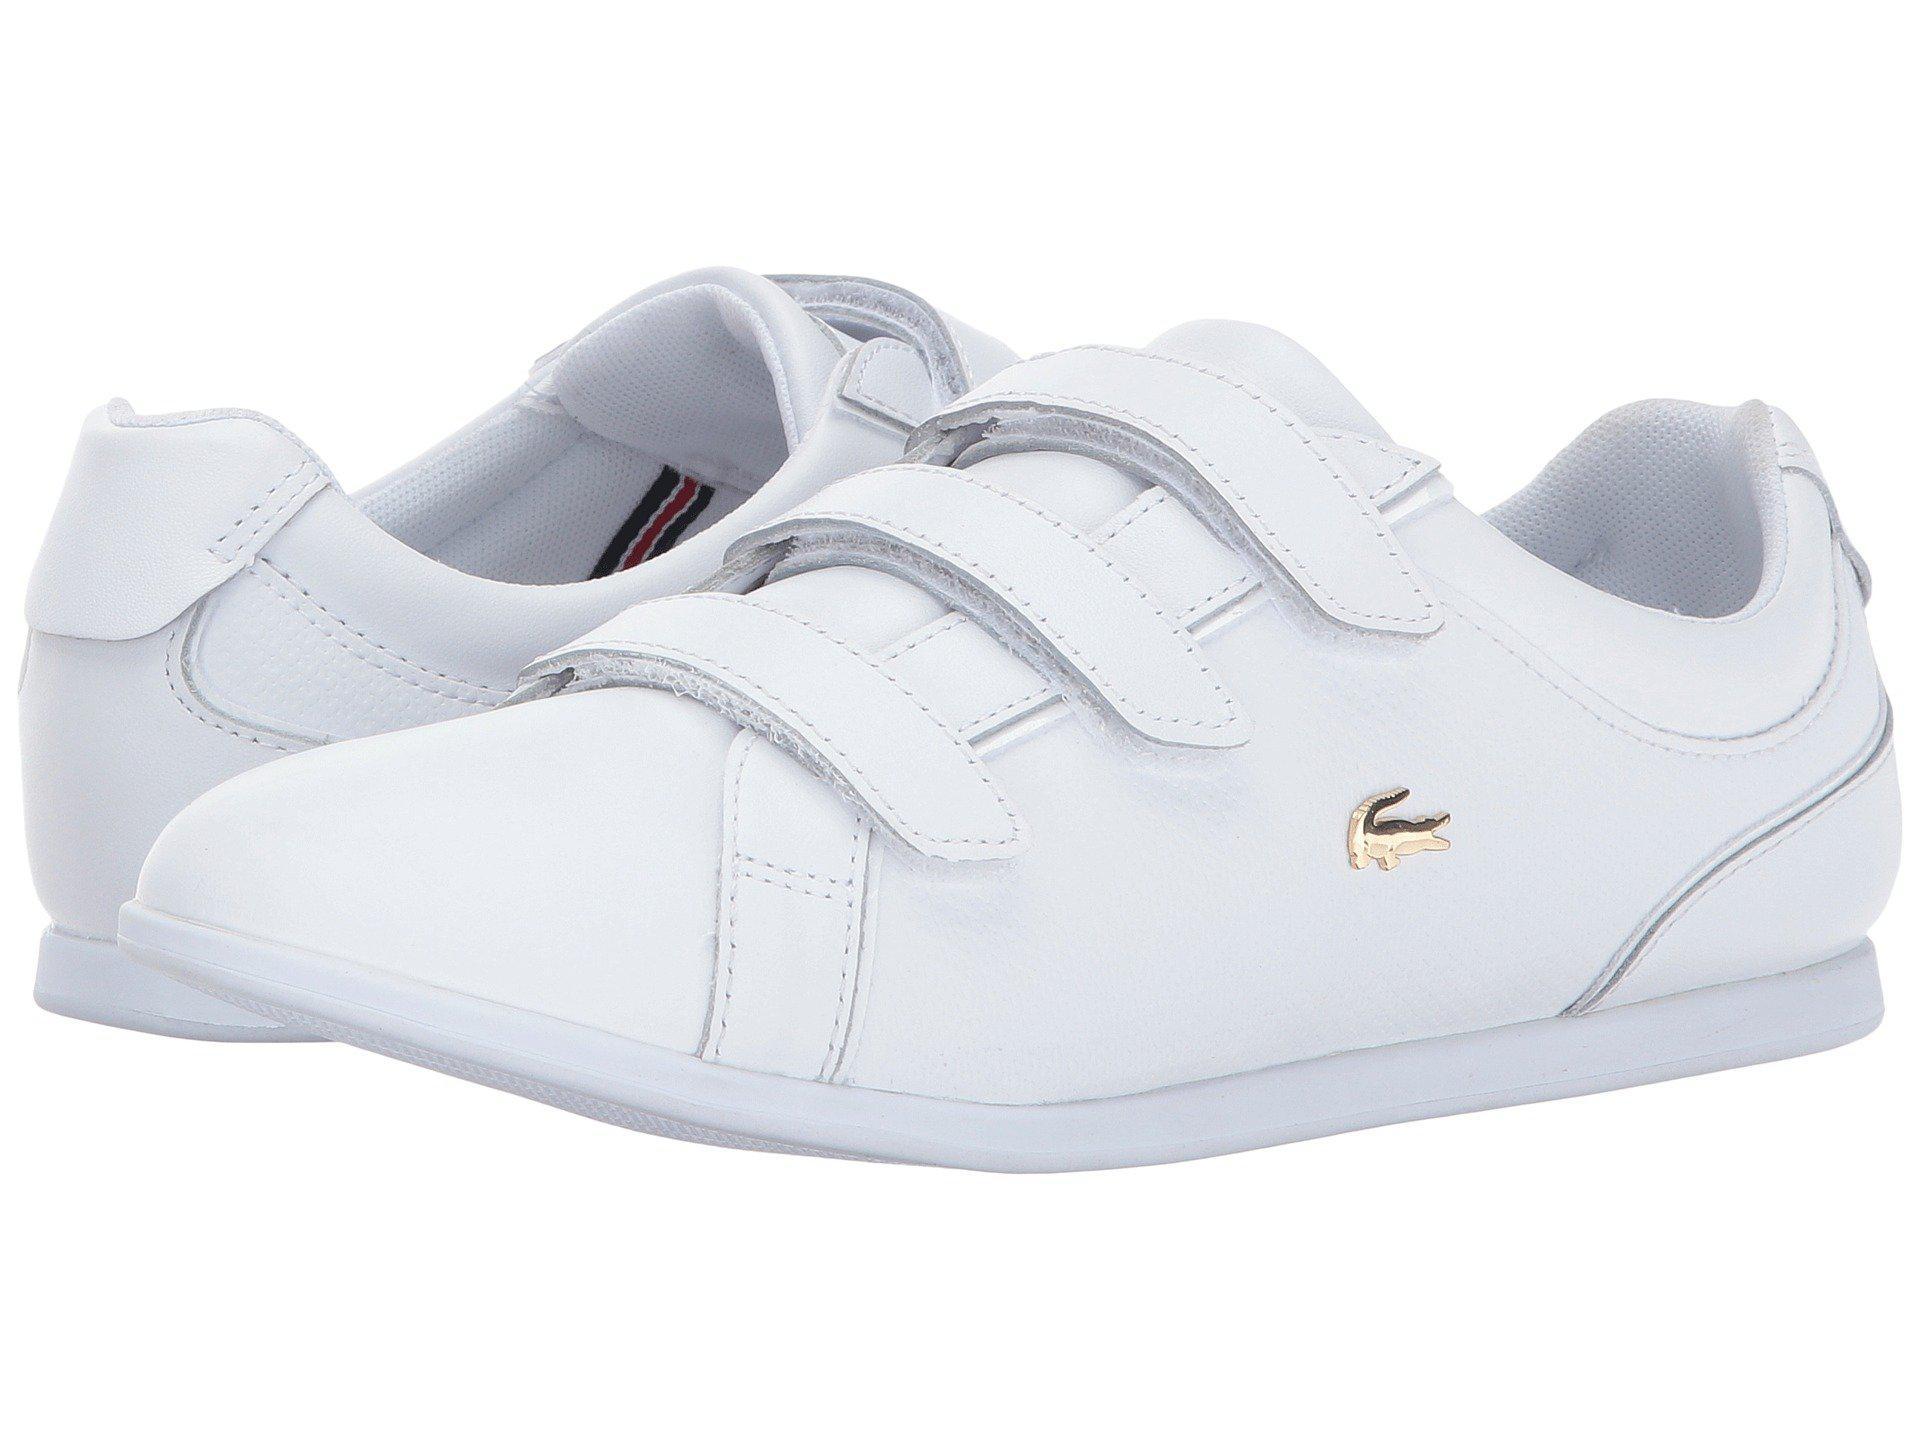 b516d6b96 Lyst - Lacoste Women s Rey Strap 1 Leather Sneaker in White